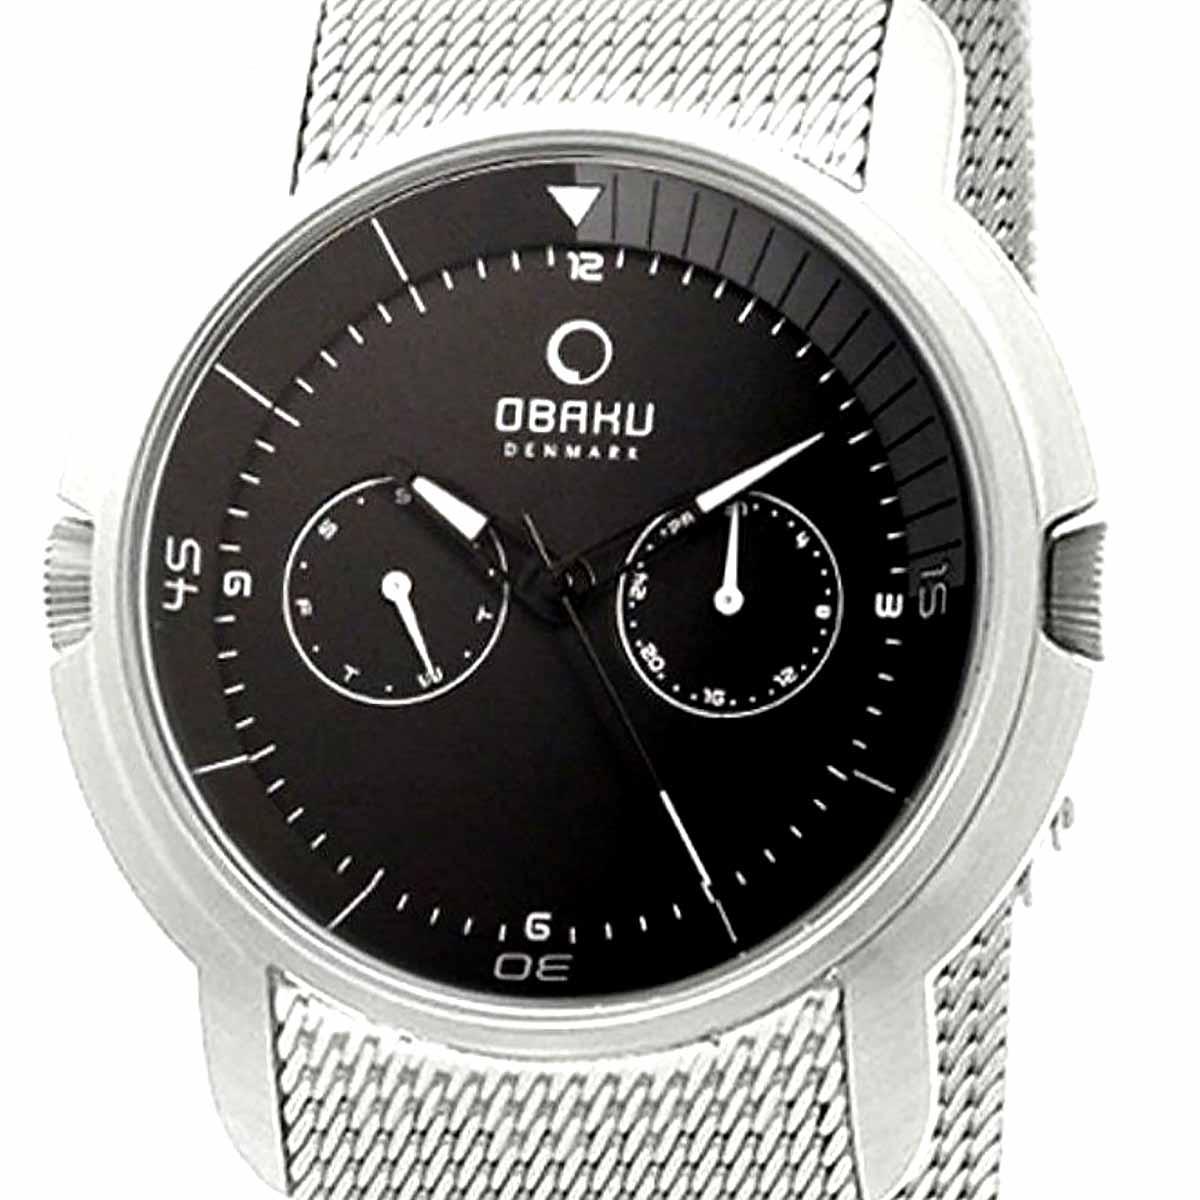 【ポイント10倍】OBAKU オバック クォーツ 腕時計 腕時計 メンズ [V141GCBMC] 並行輸入品 純正ケース メーカー保証